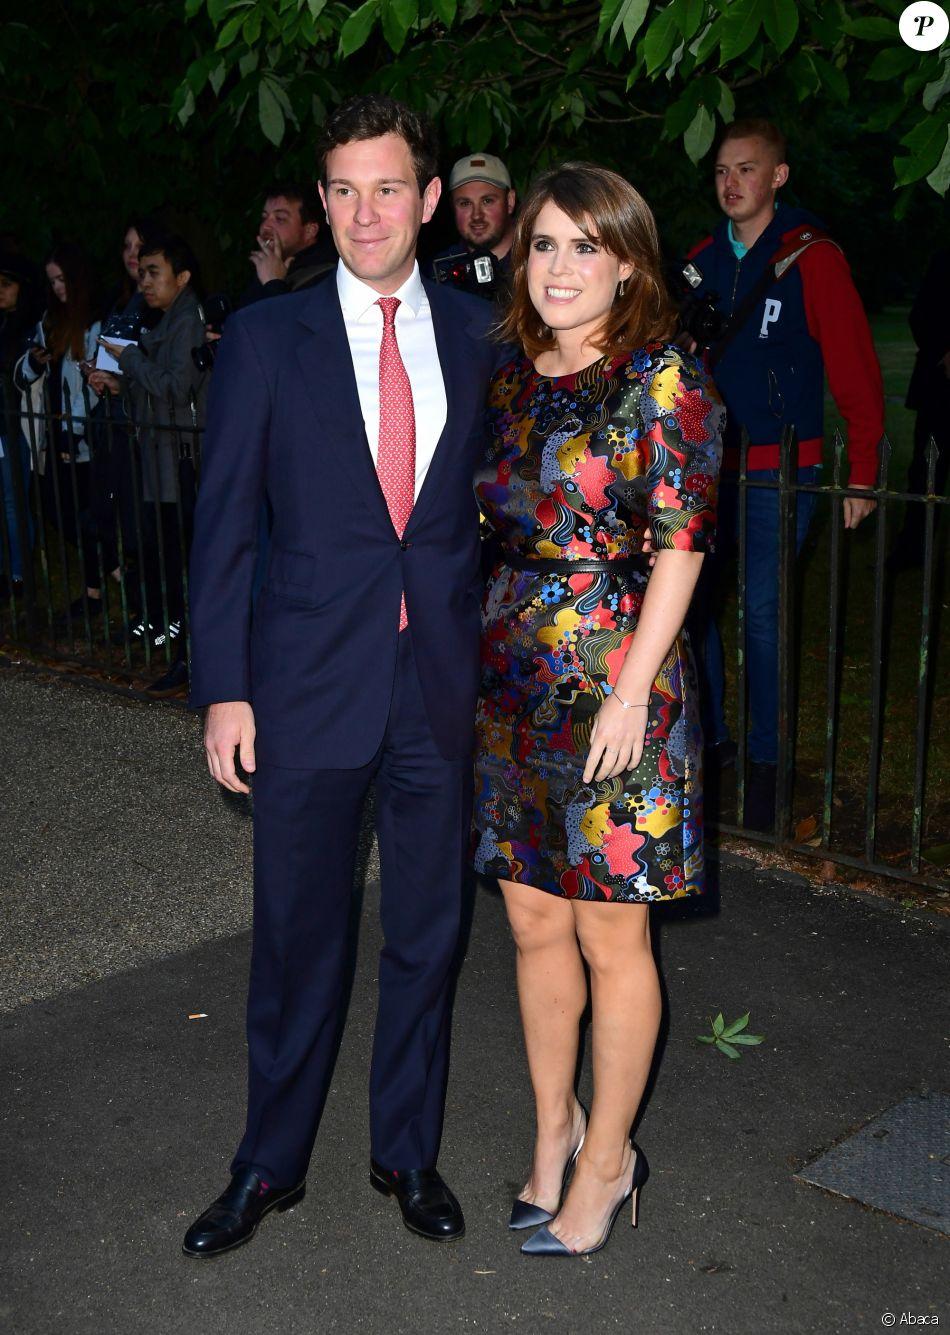 La princesse Eugenie d'York et son compagnon Jack Brooksbank à la summer party de la galerie Serpentine dans les jardins de Kensington à Hyde Park, le 28 juin 2017 à Londres.